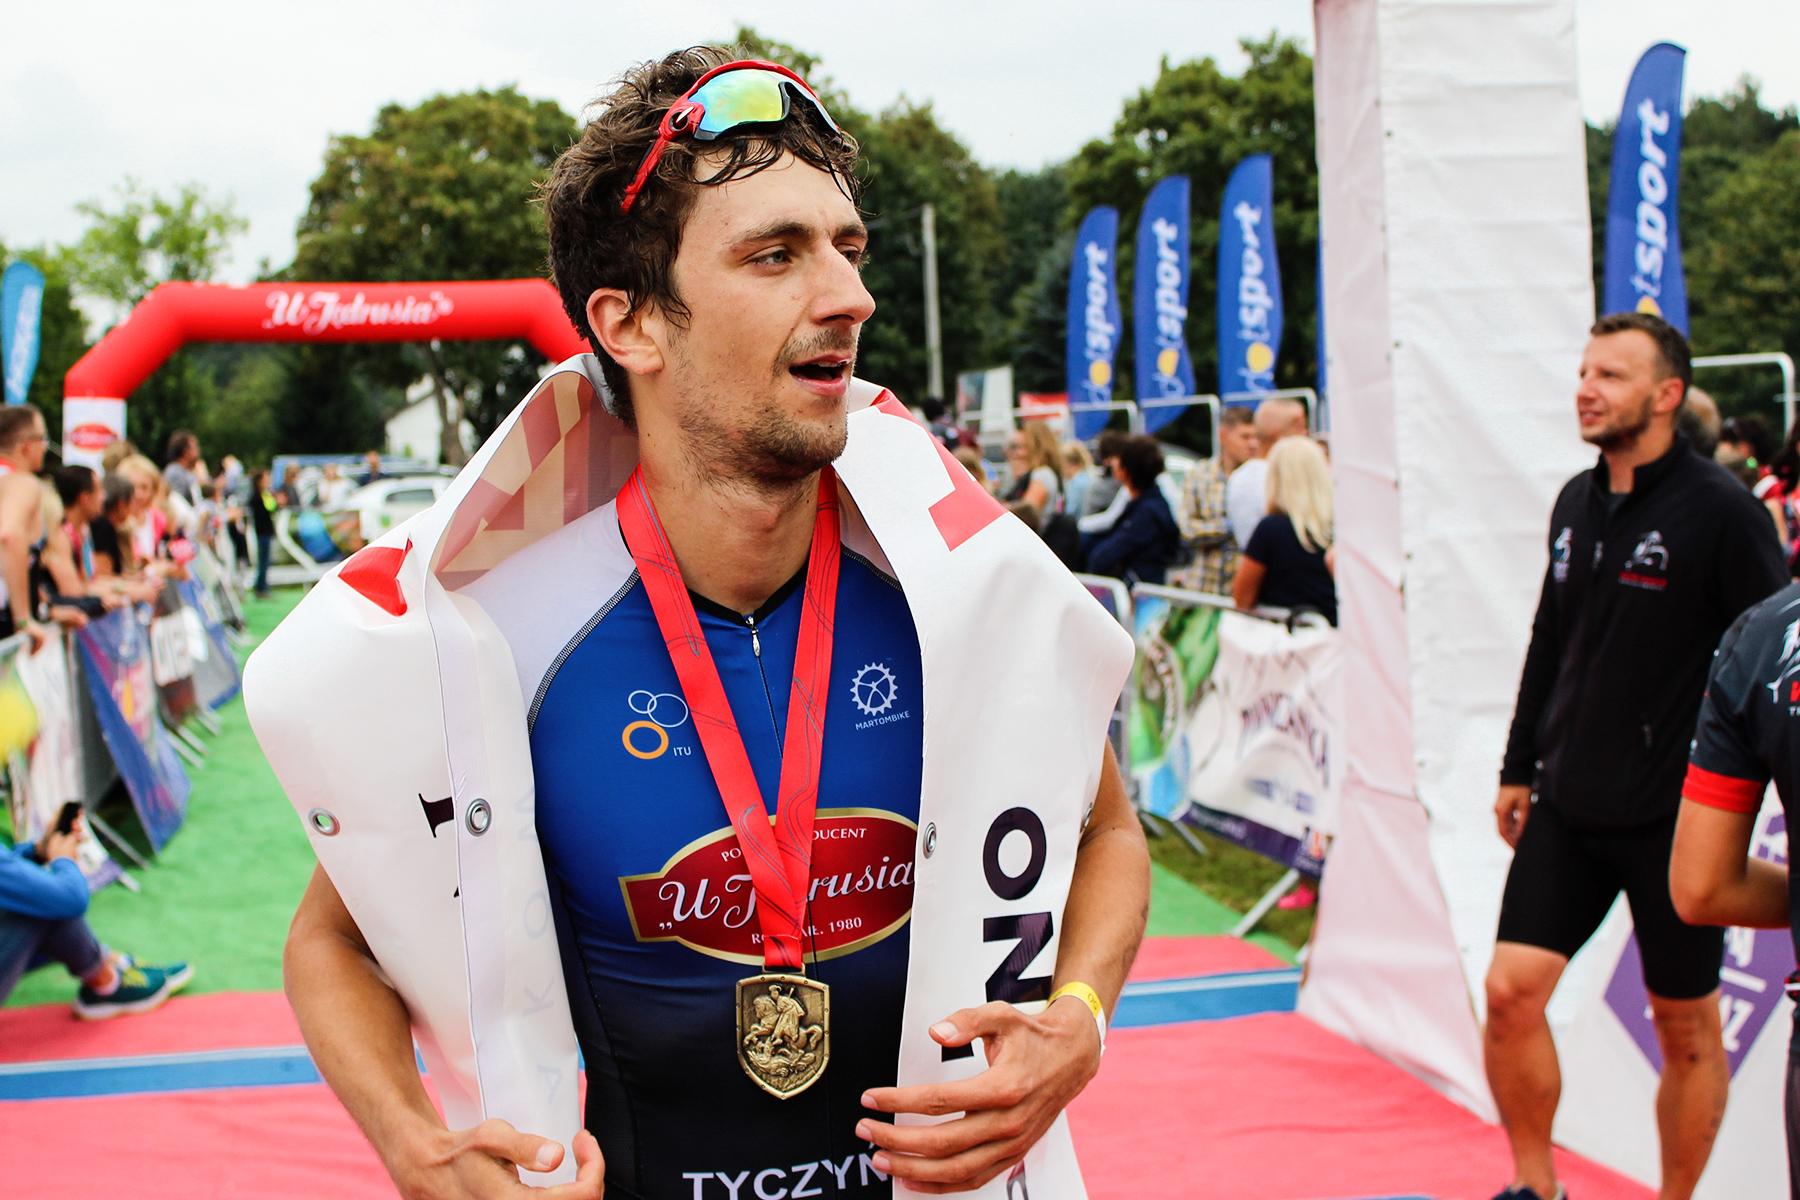 Jacek Tyczyński - Pierwsze miejsce, Iron Dragon Trathlon